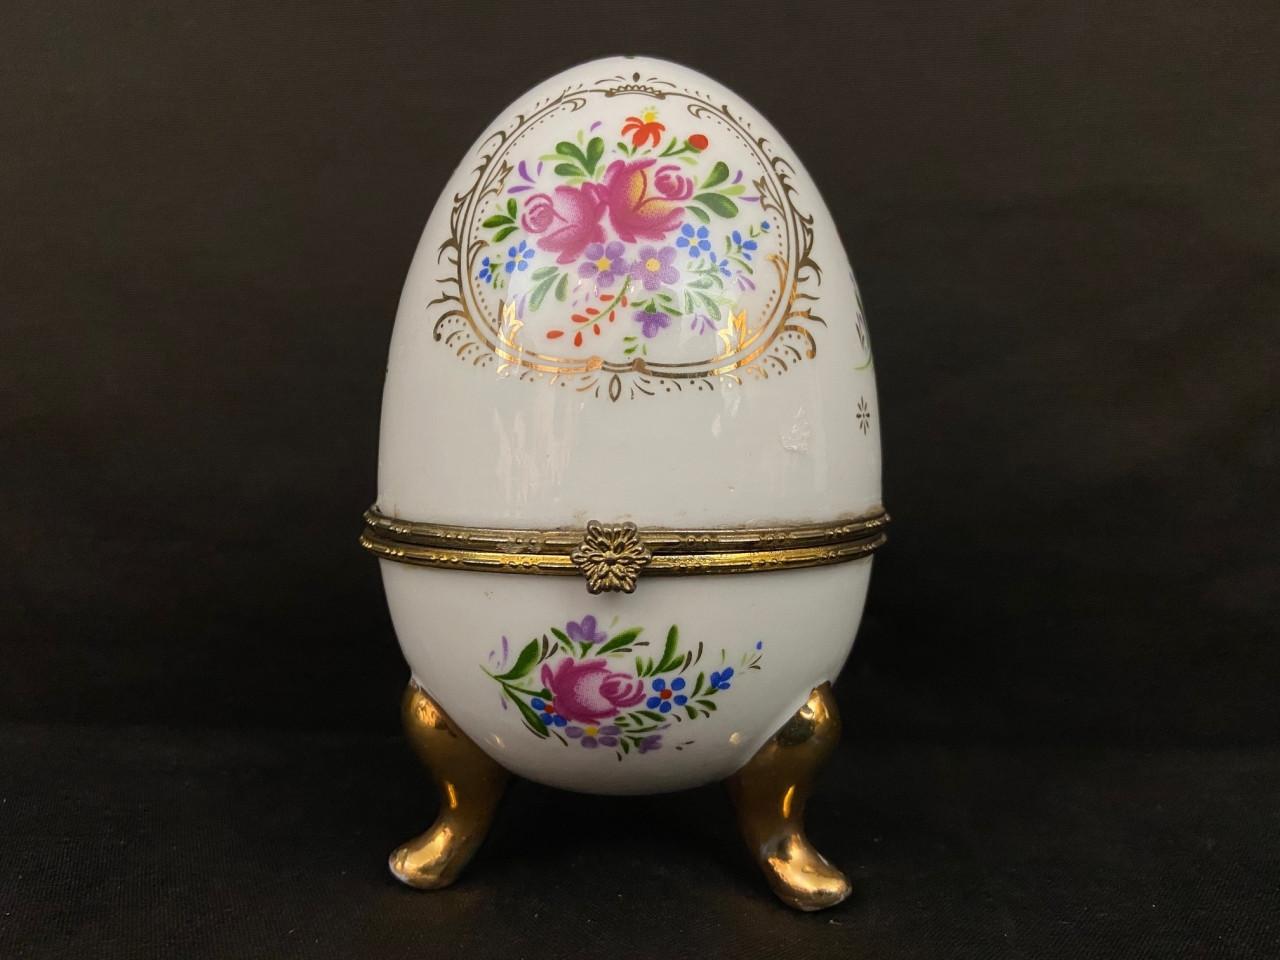 uovo in porcellana all'interno un orologio dorato - Antichità Ioviero